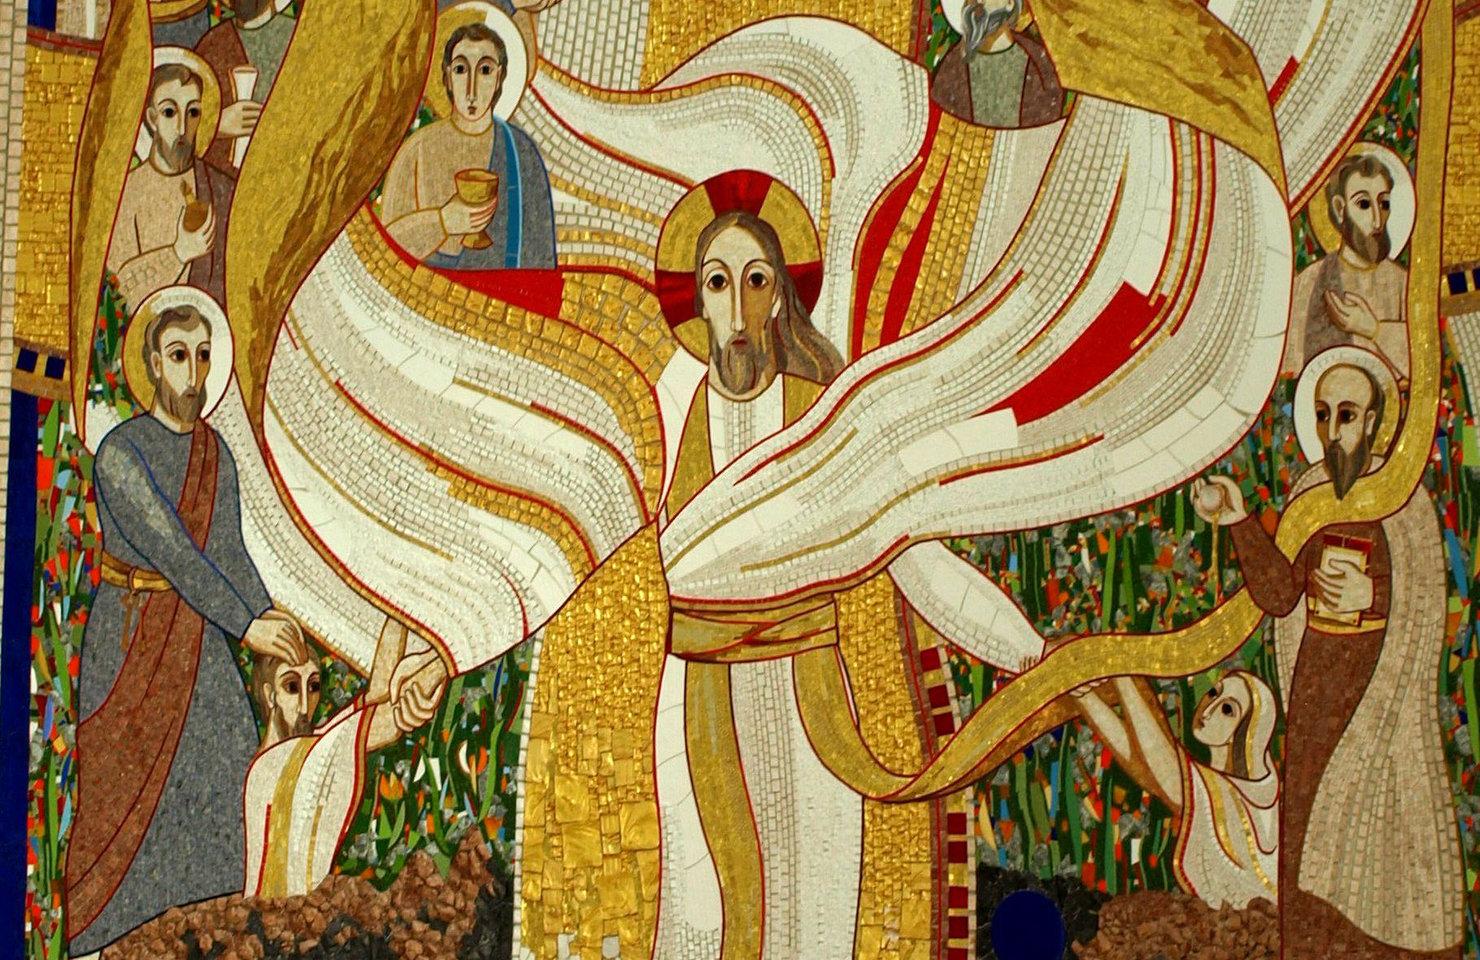 Oración del miércoles: «Yo soy la luz, y he venido al mundo para que todo el que crea en Mí no permanezca en las tinieblas»